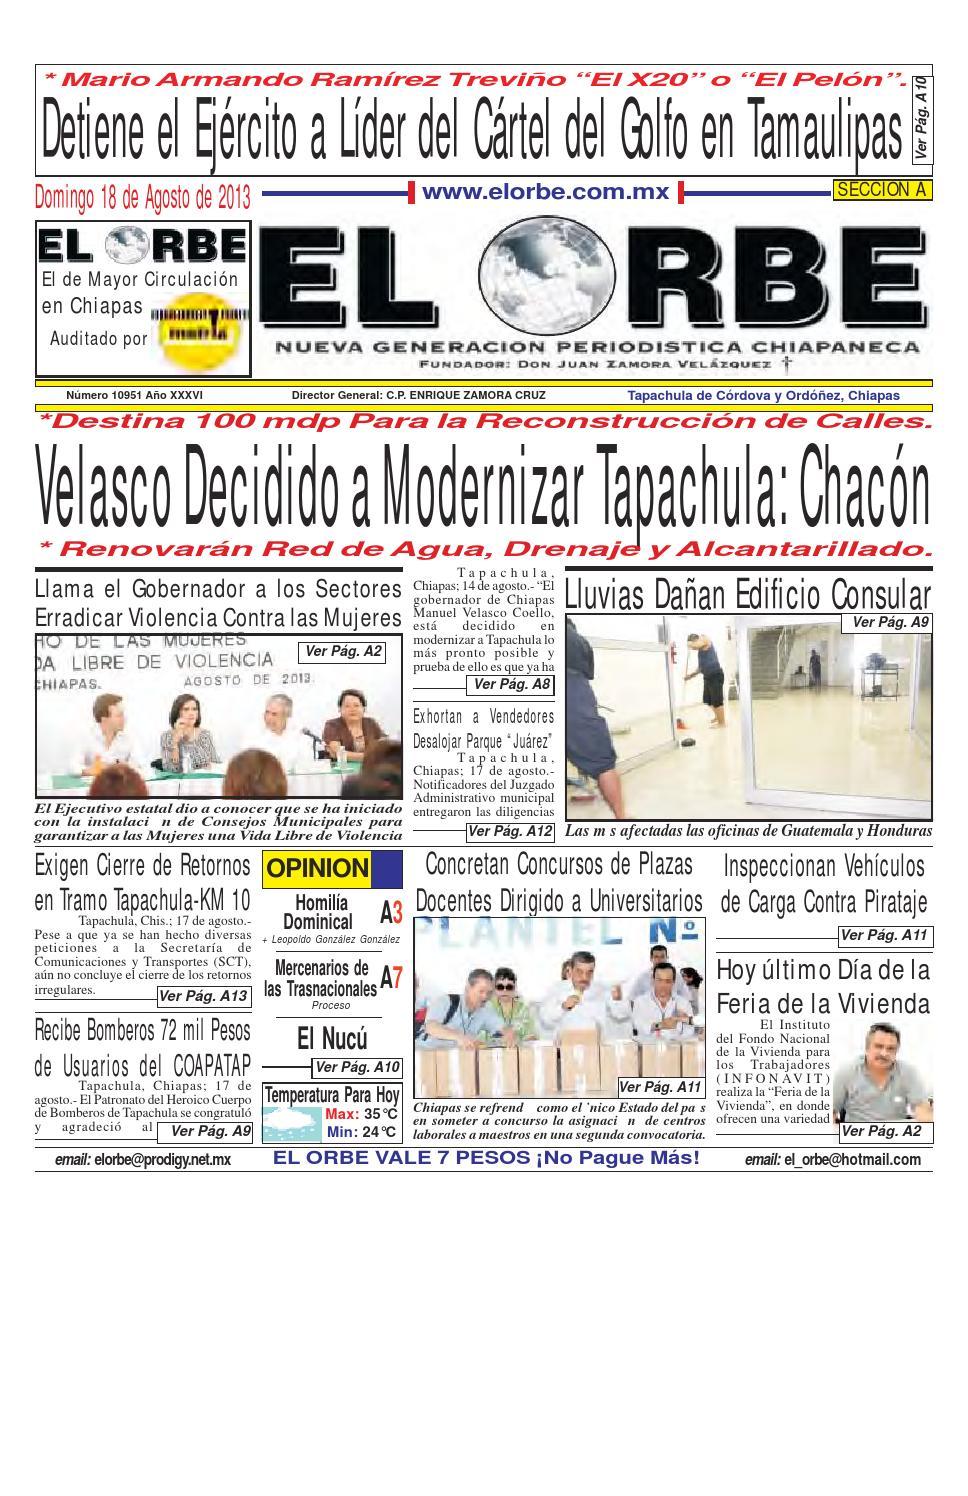 180813 by elorbe orbe - issuu 2ec444934faf